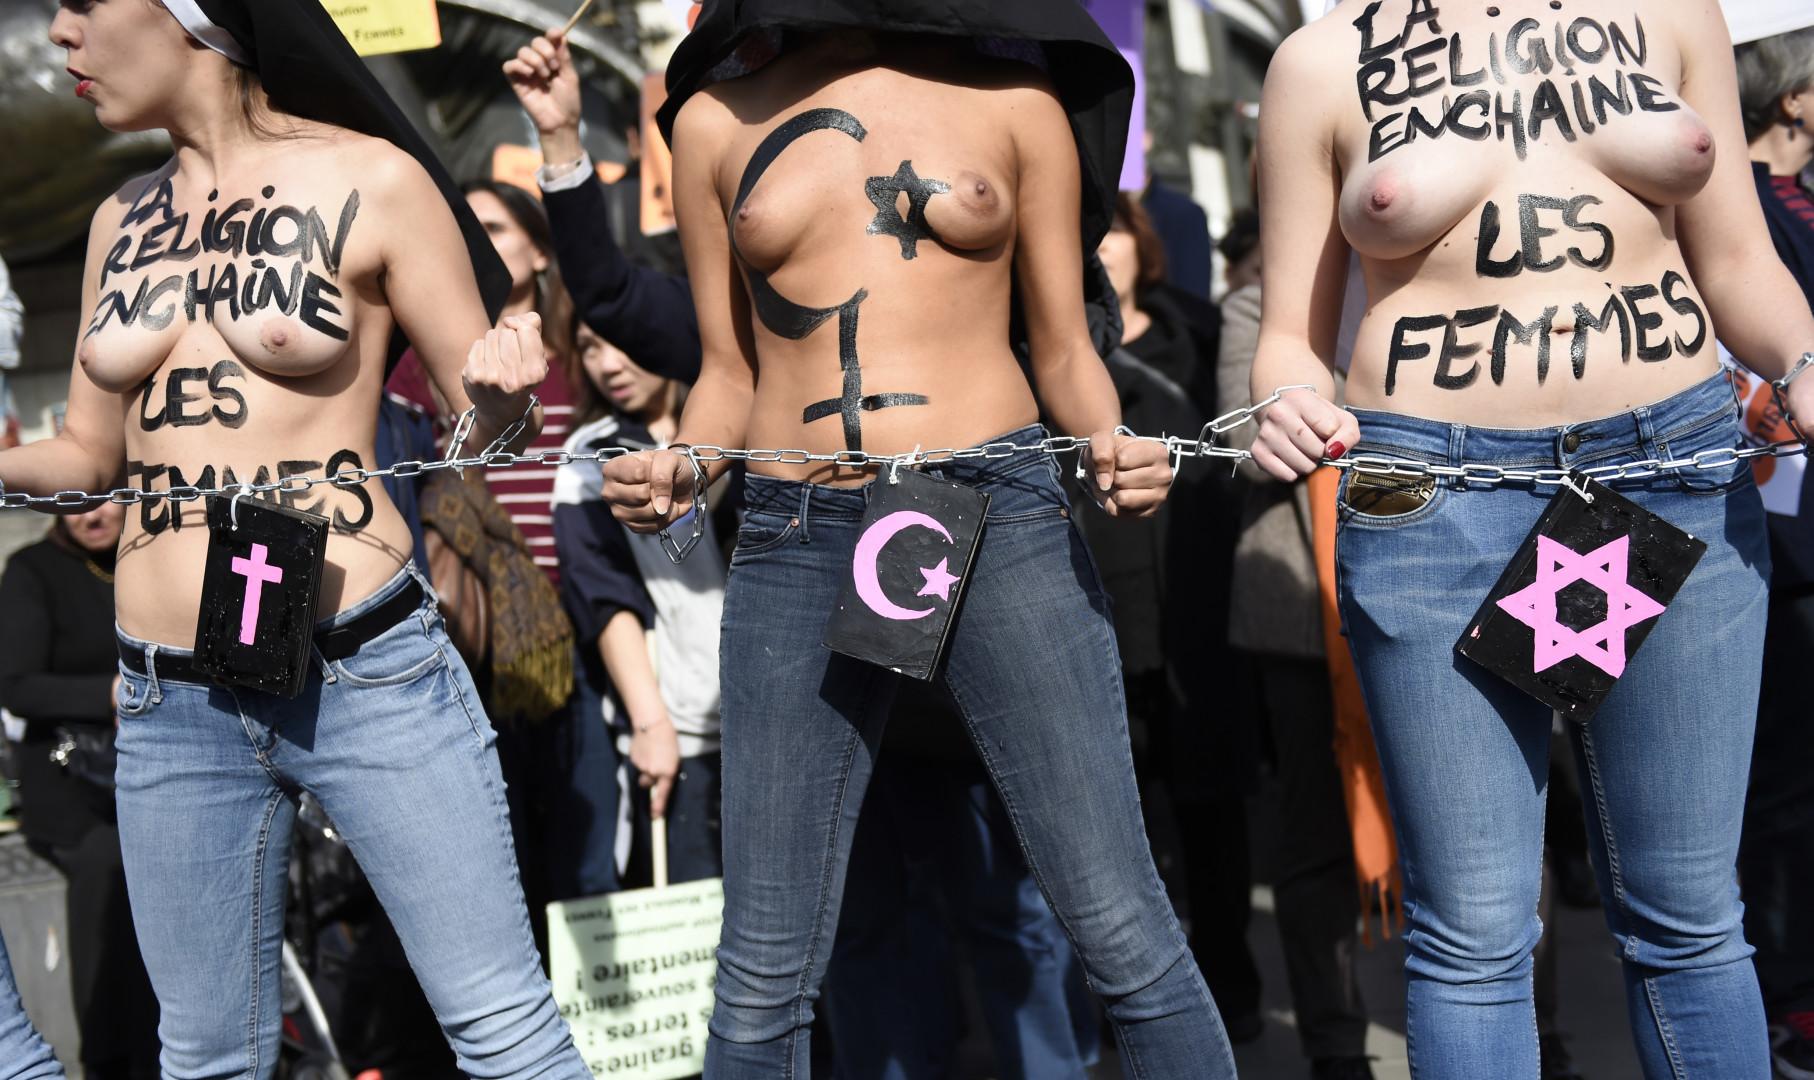 """""""La religion enchaîne les femmes"""", le 8 mars 2015 à Paris."""